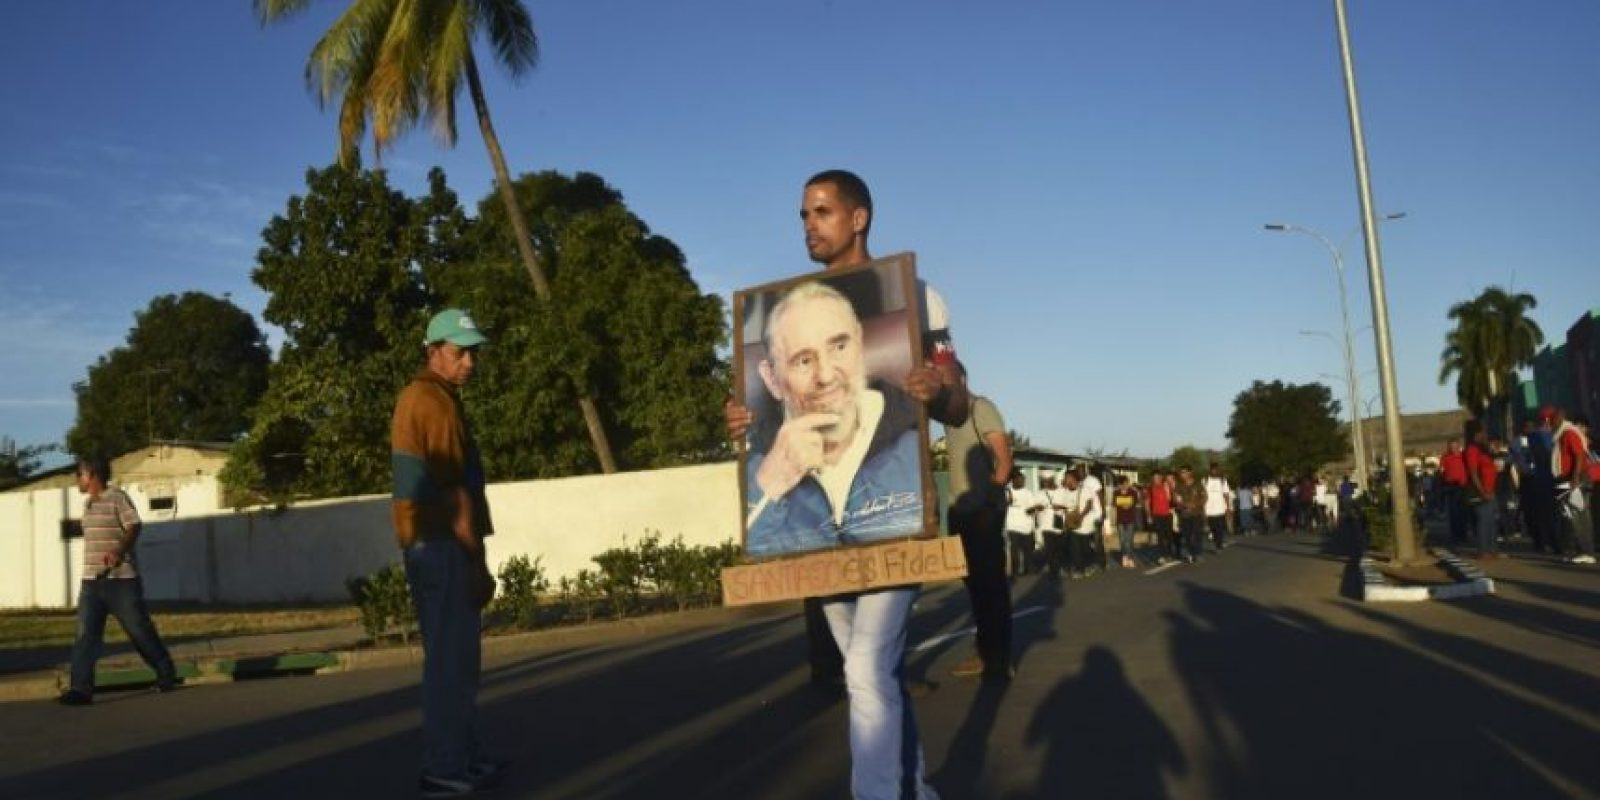 Un cubano con una fotografía del expresidente Fidel Castro, el 4 de diciembre de 2016 en la plaza de la Revolución de Santiago de Cuba Foto:Rodrigo Arangua/afp.com